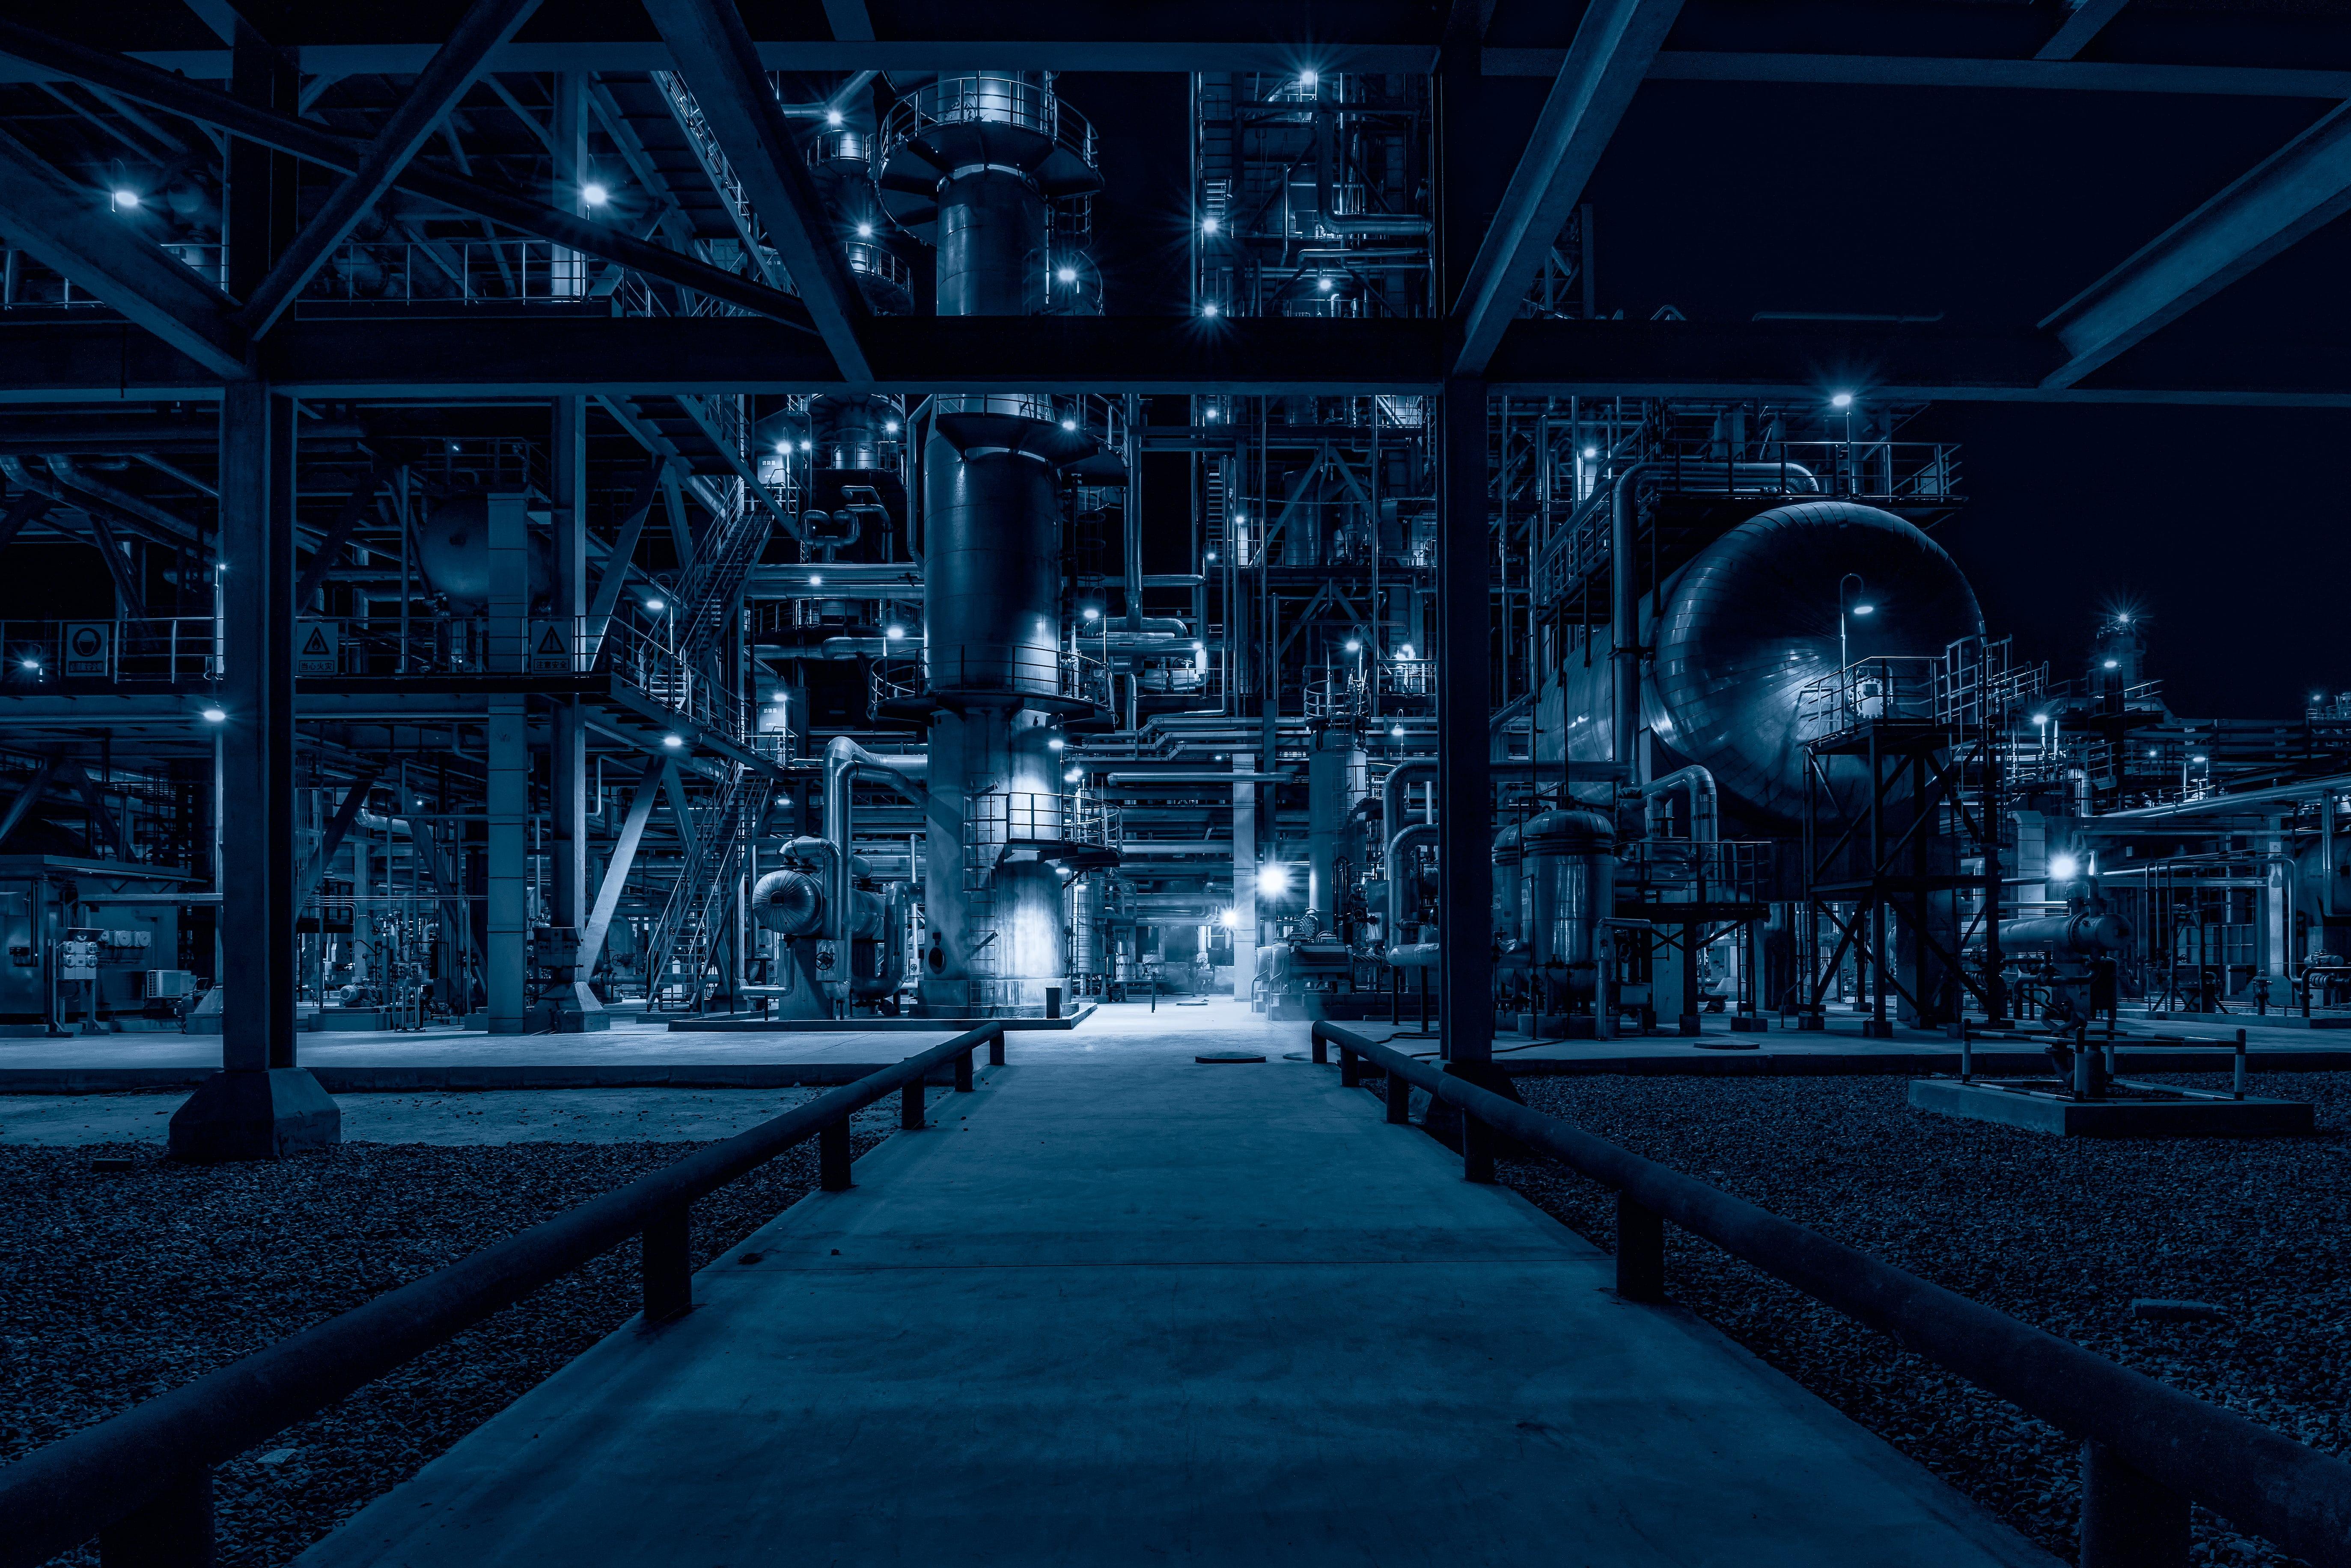 Performance énergétique dans l'industrie